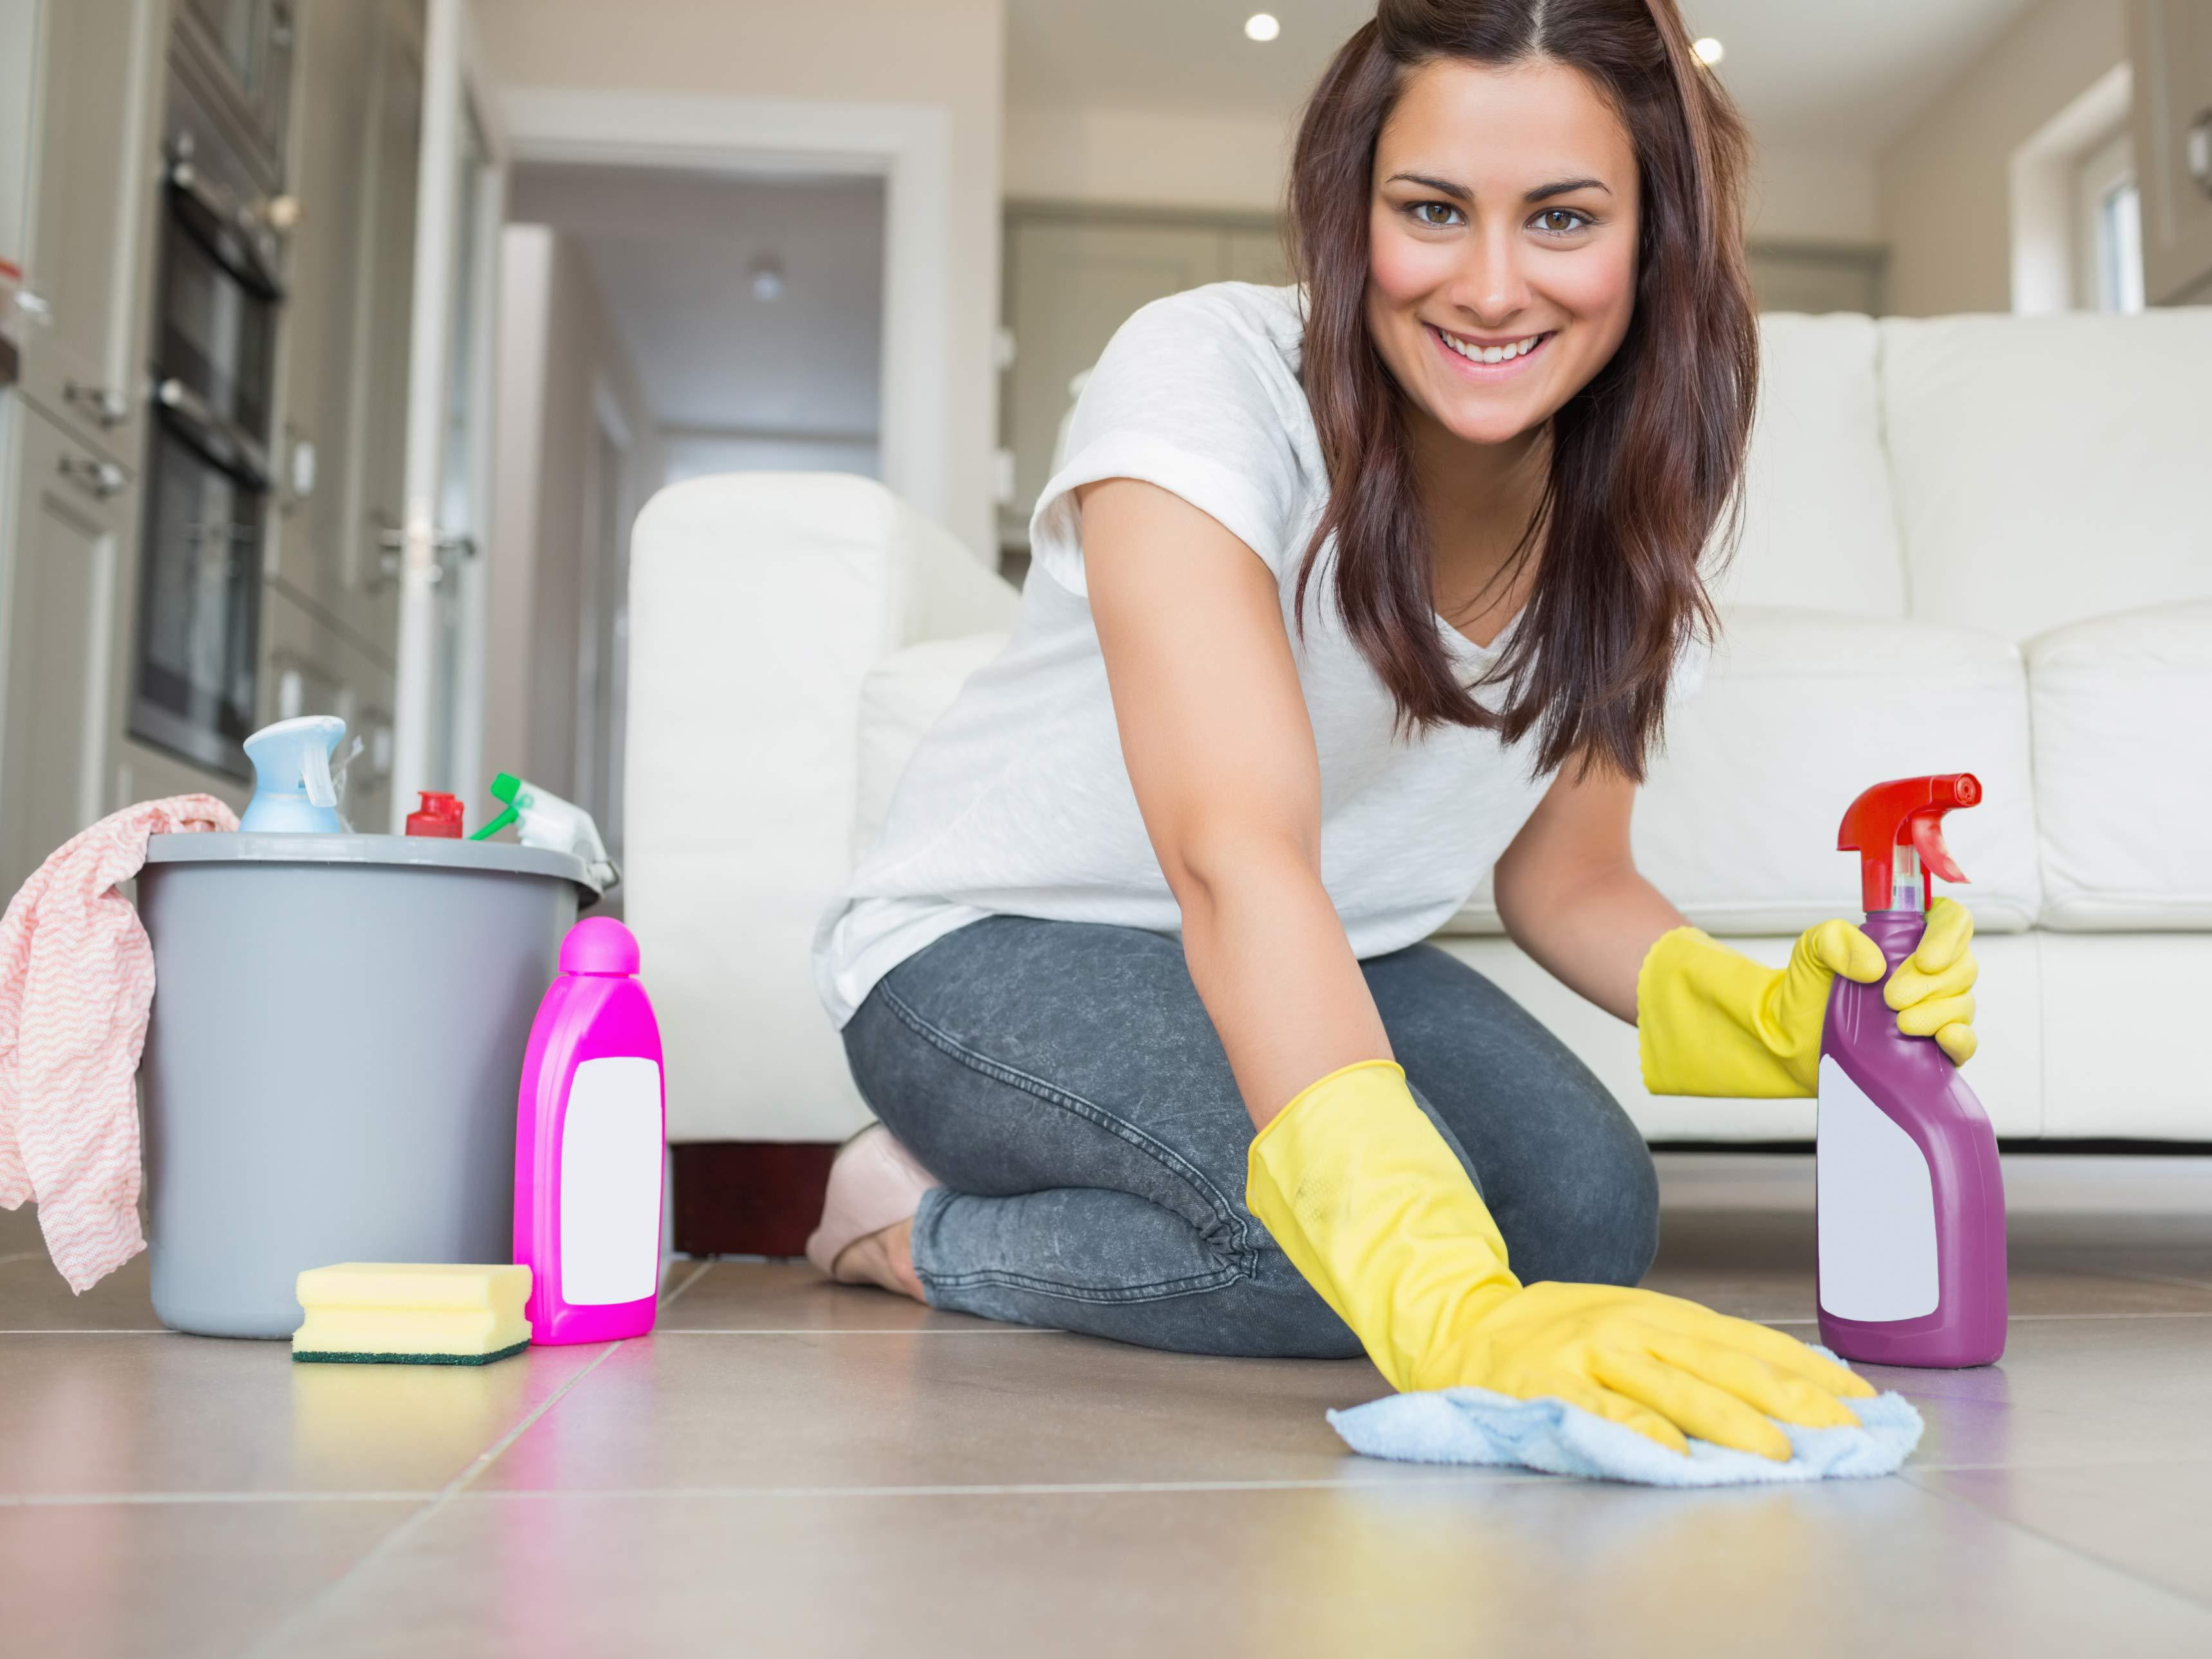 Хозяйка и уборщица 9 фотография